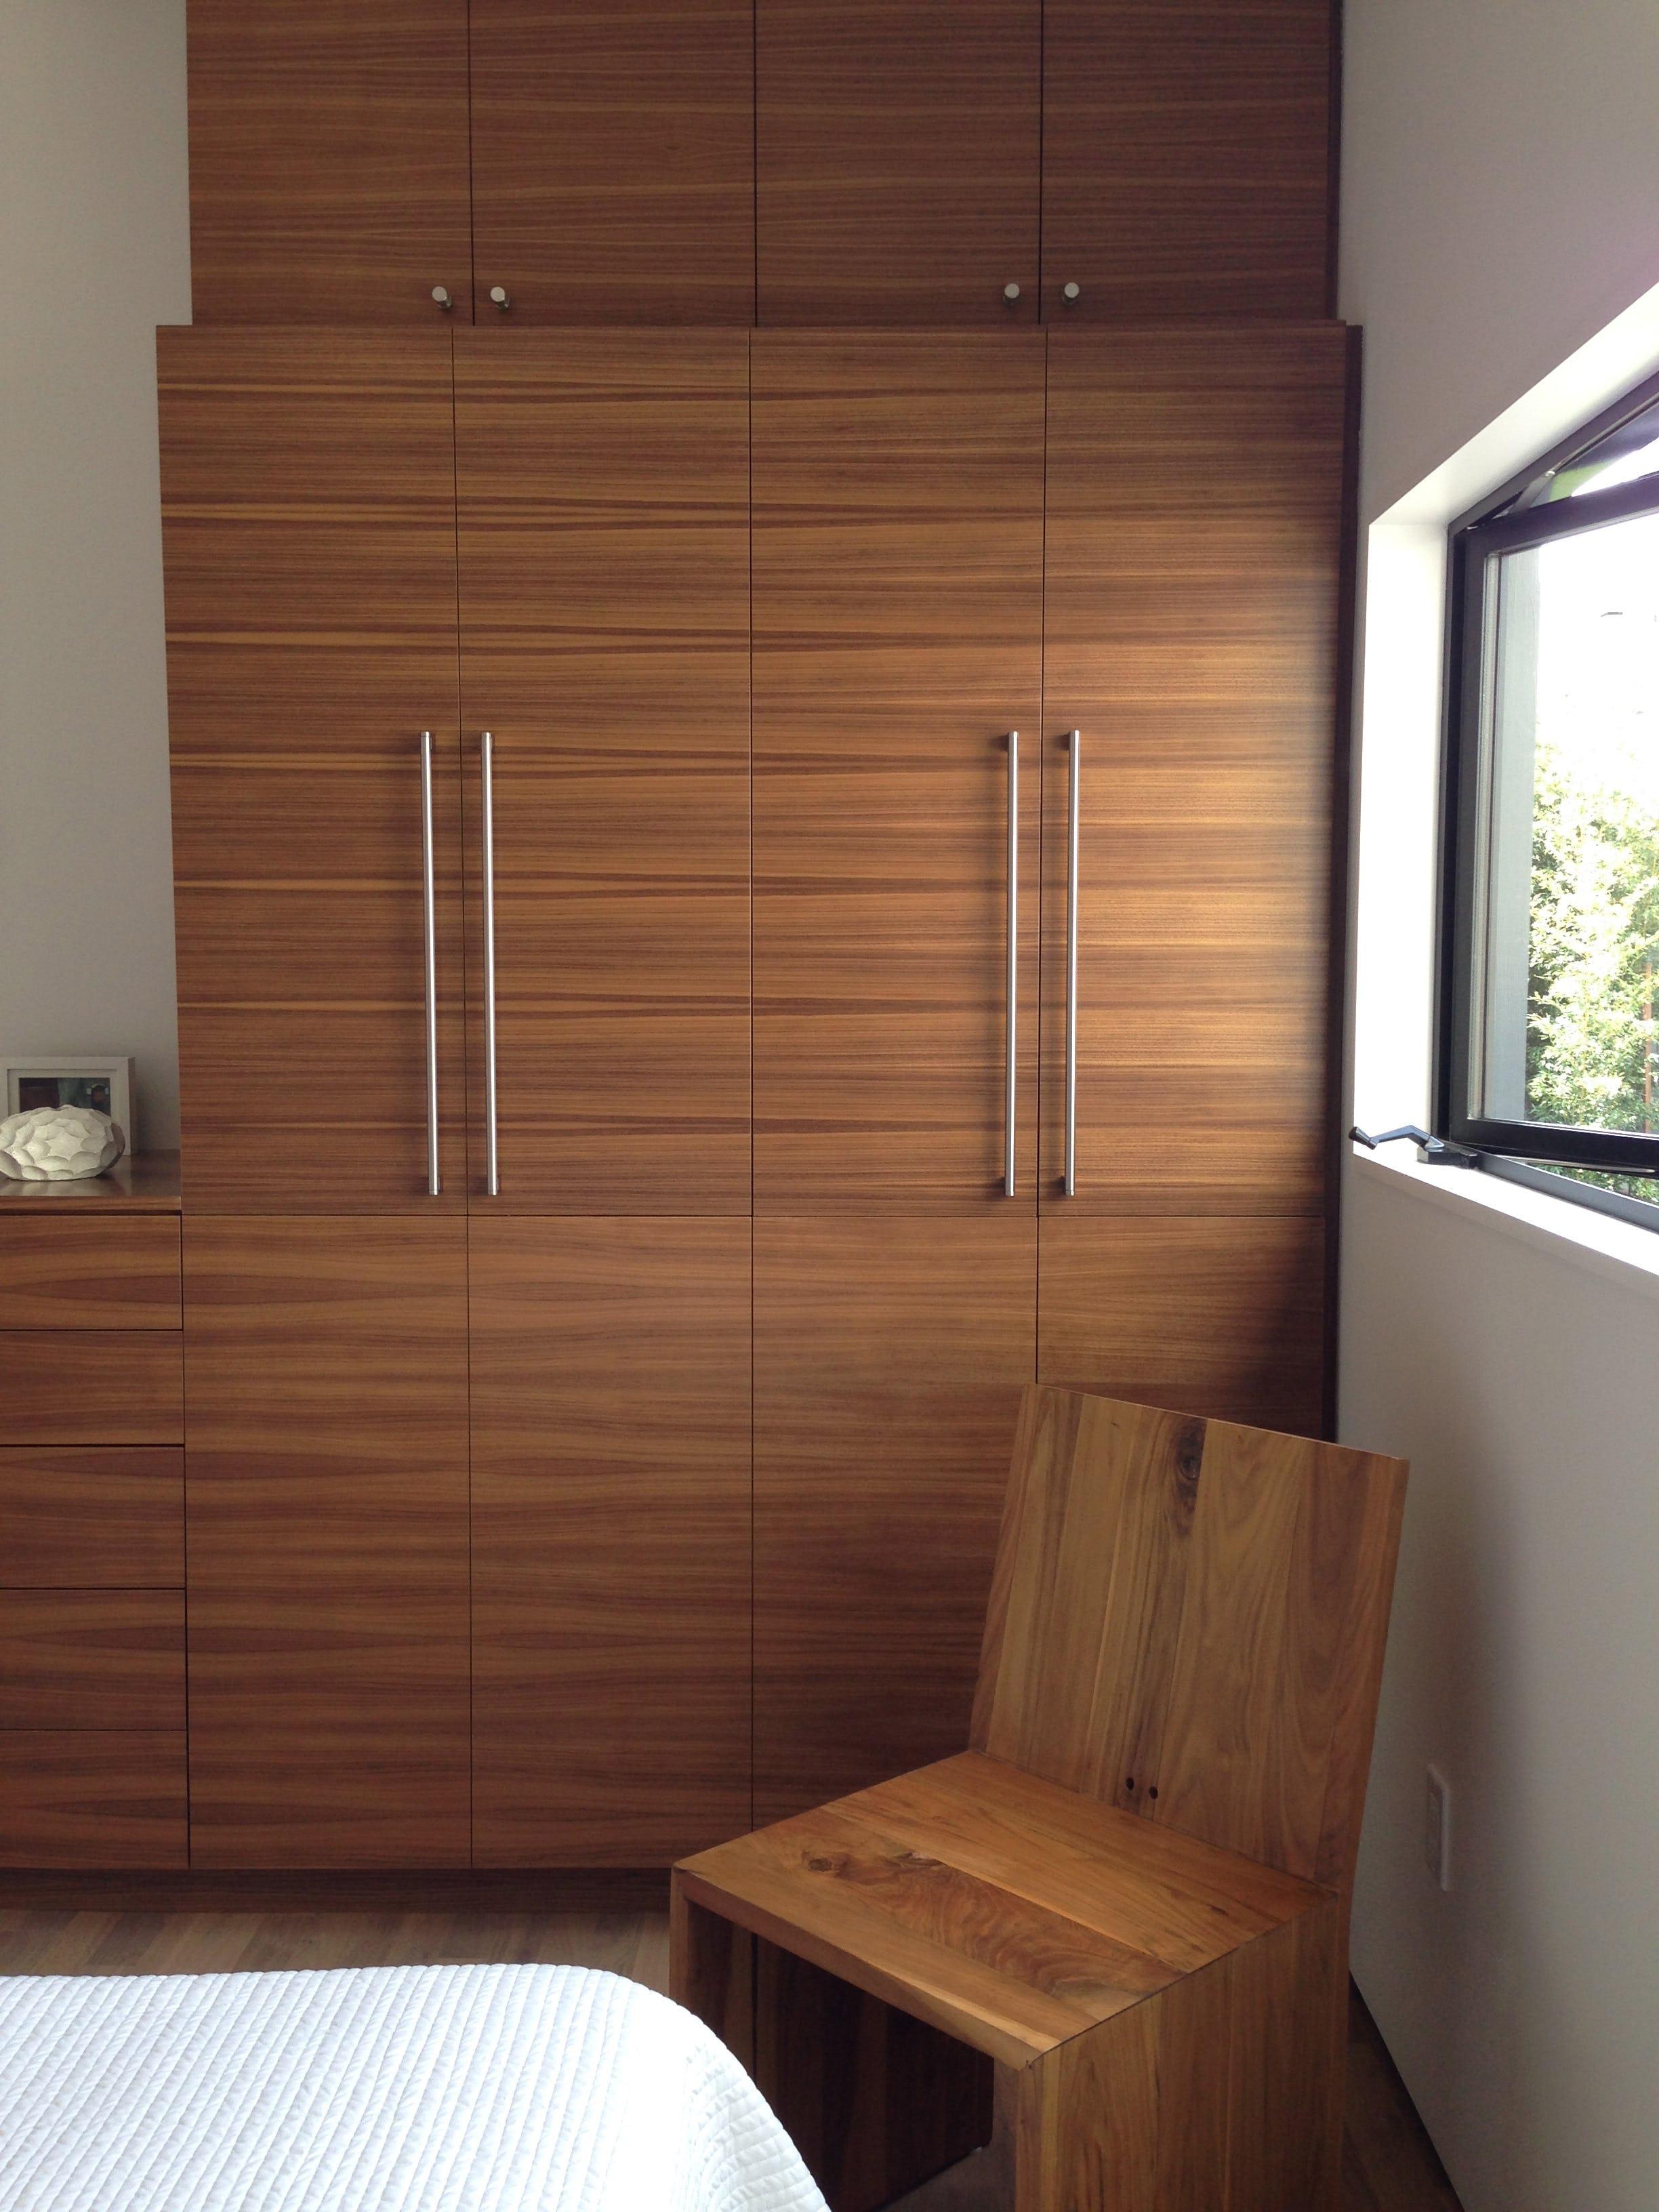 Builtform construction  steelhouse1 2 wood room modern chair